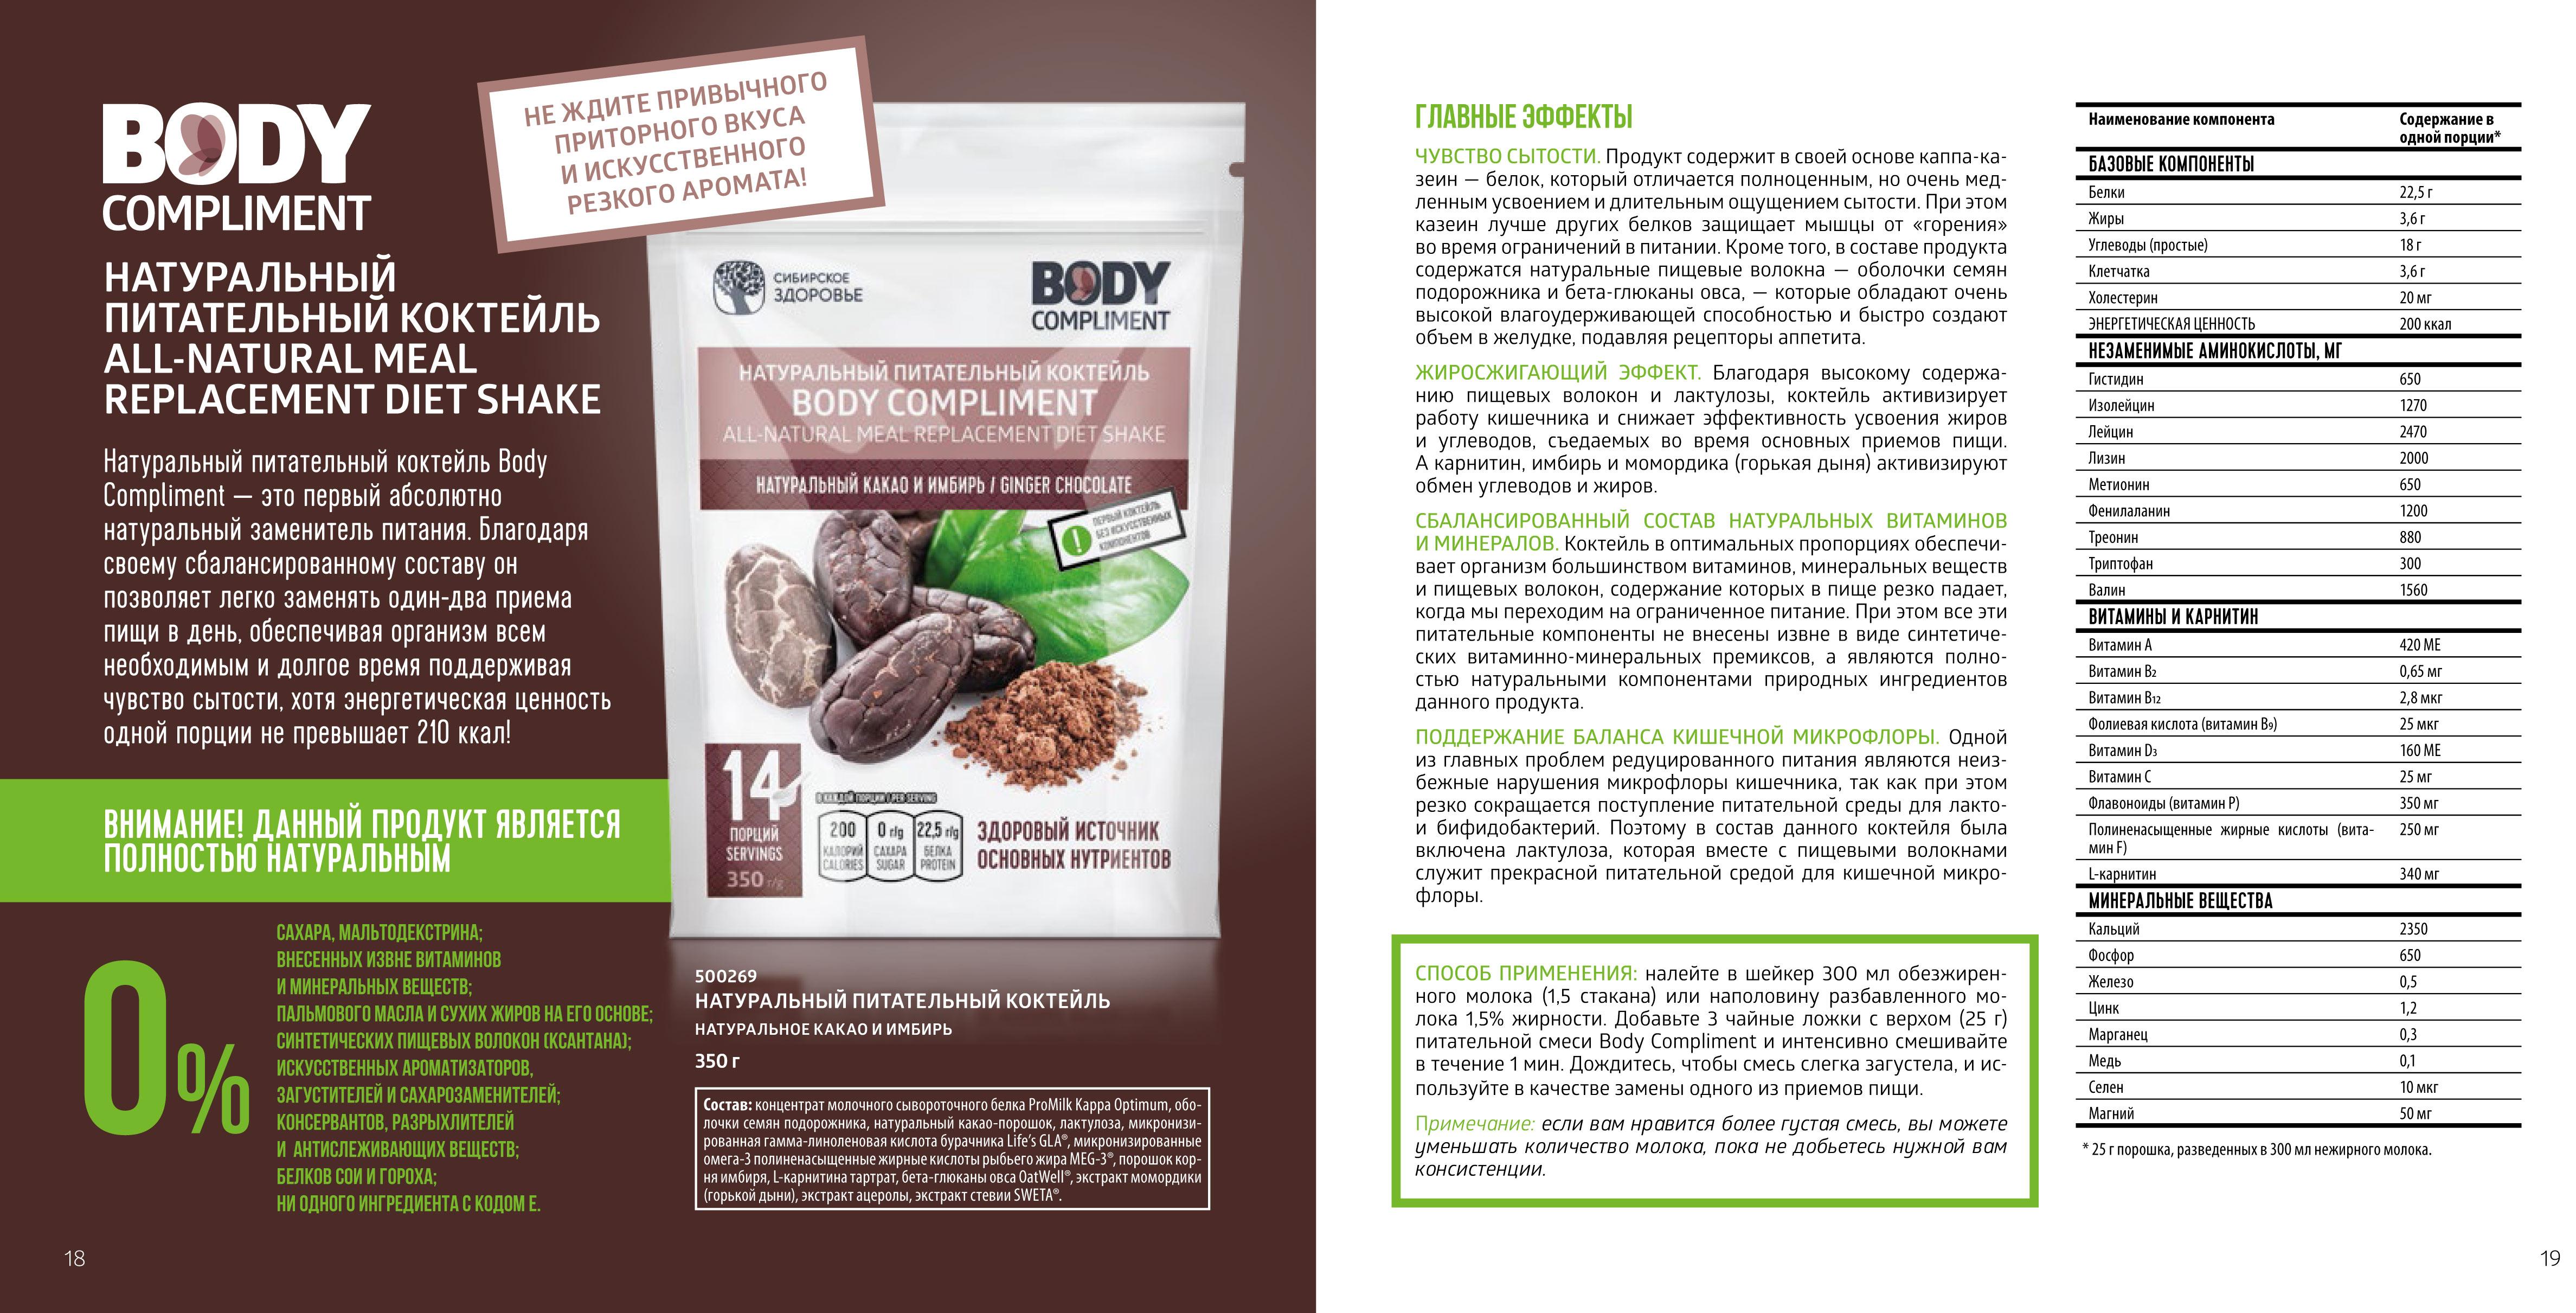 В Сибирском Здоровье Похудеть. Сибирское здоровье для похудения: обзор экопродуктов и программ